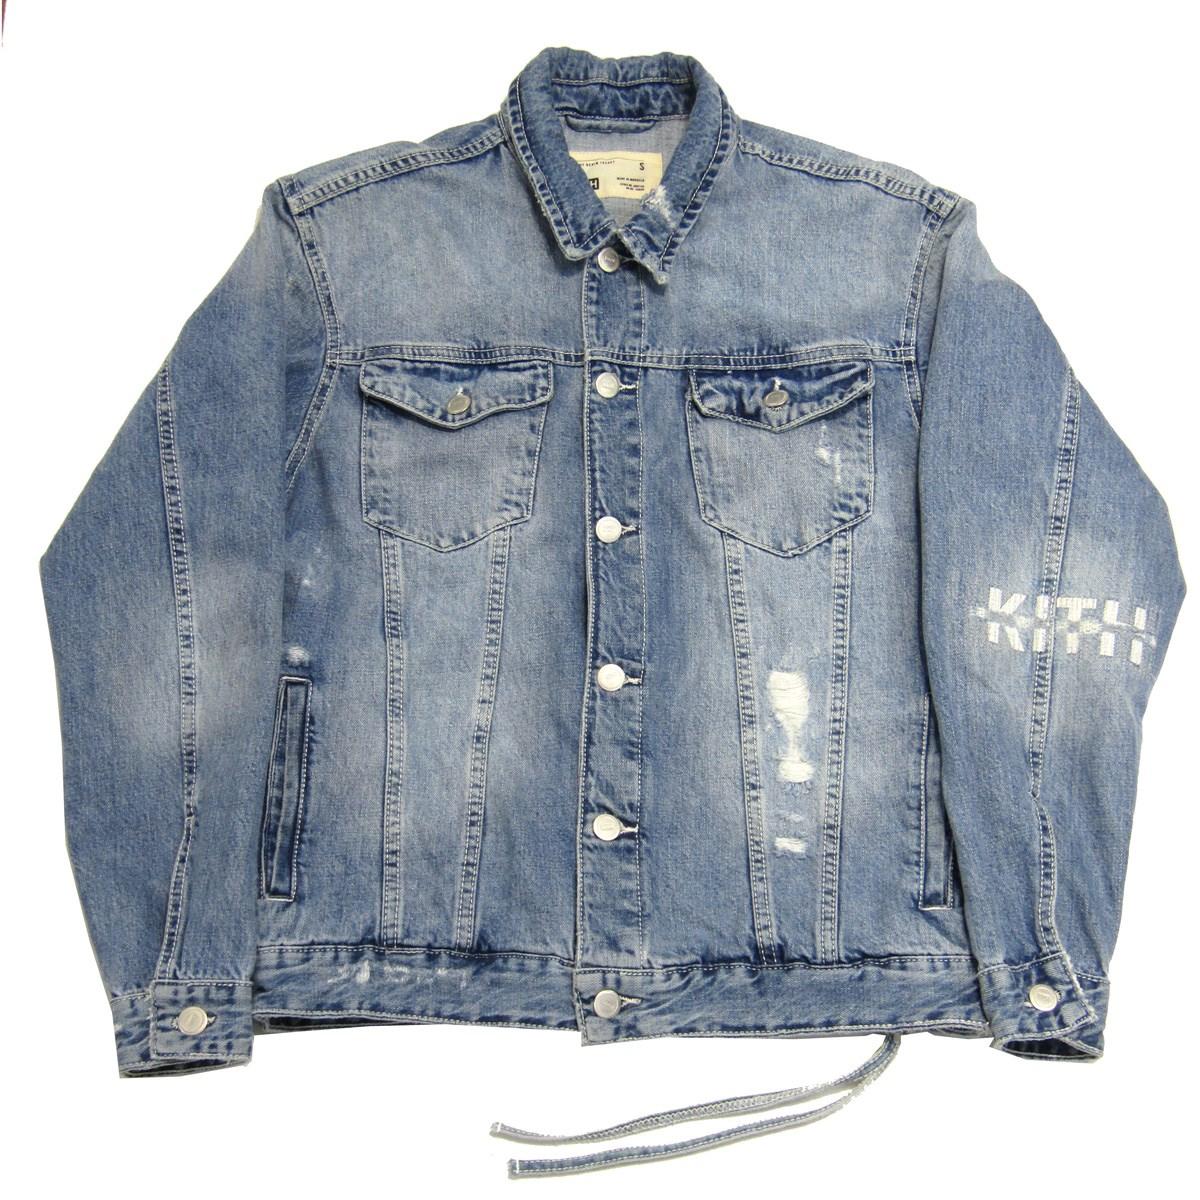 【中古】KITH 2020SS LAIGHT DENIM JACKET デニムジャケット ブルー サイズ:S 【160420】(キス)